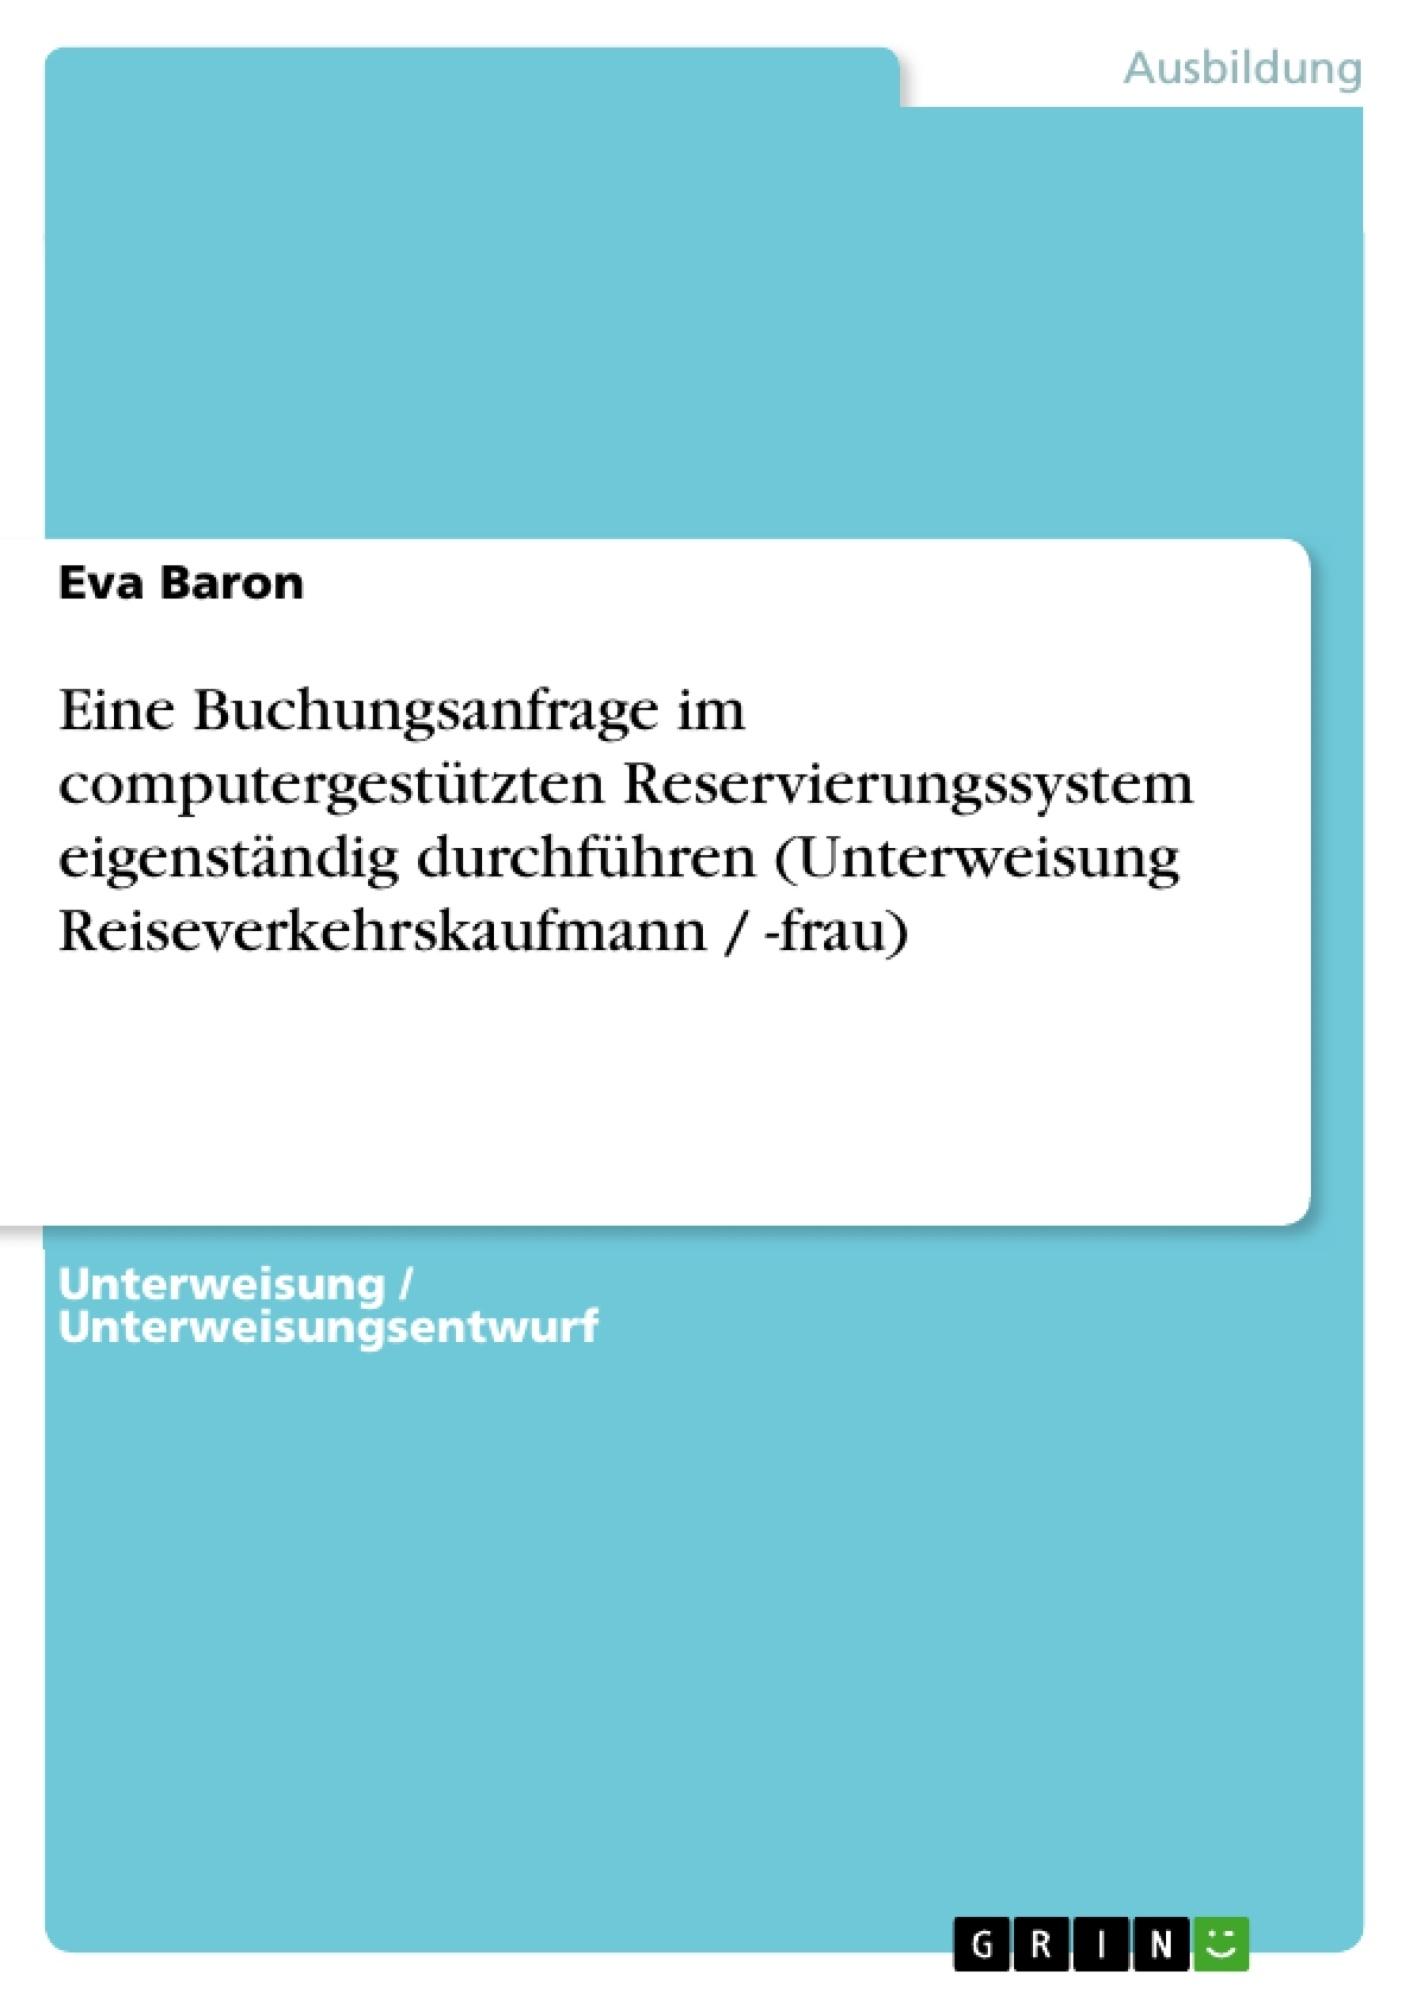 Titel: Eine Buchungsanfrage im computergestützten Reservierungssystem eigenständig durchführen (Unterweisung Reiseverkehrskaufmann / -frau)